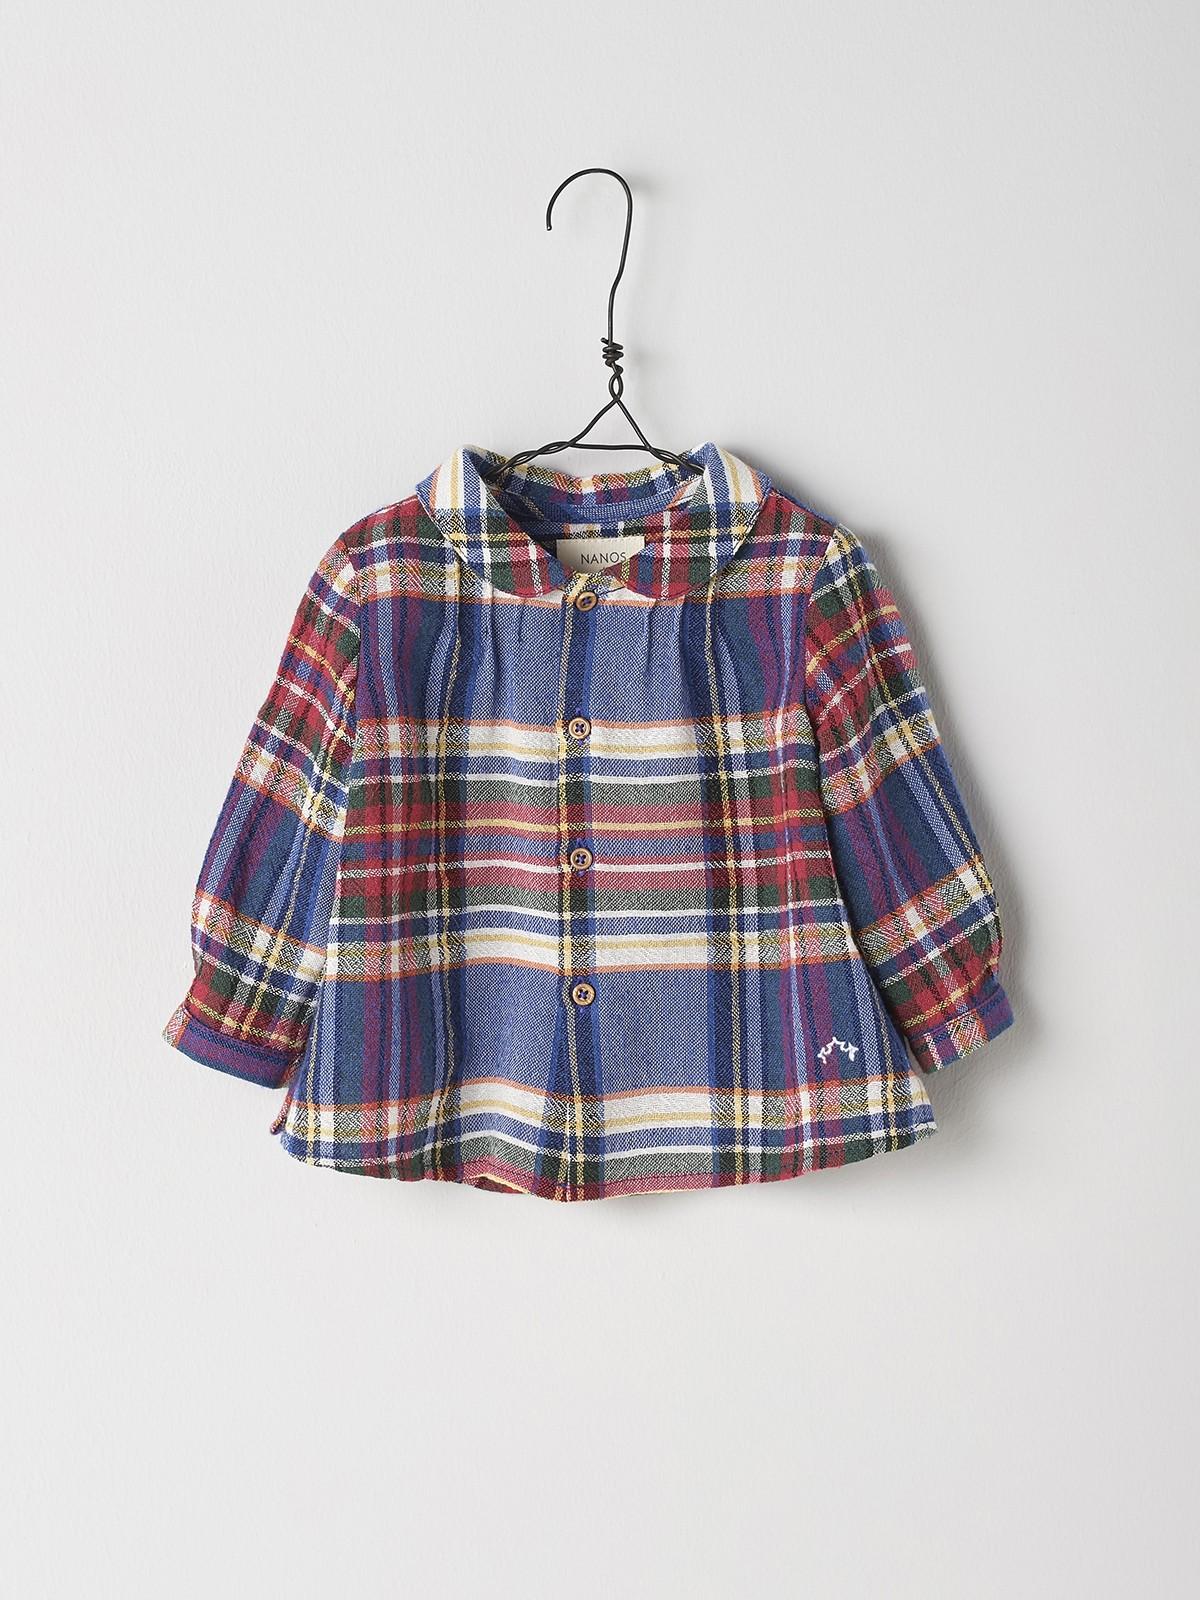 NANOS 格紋圓領襯衫